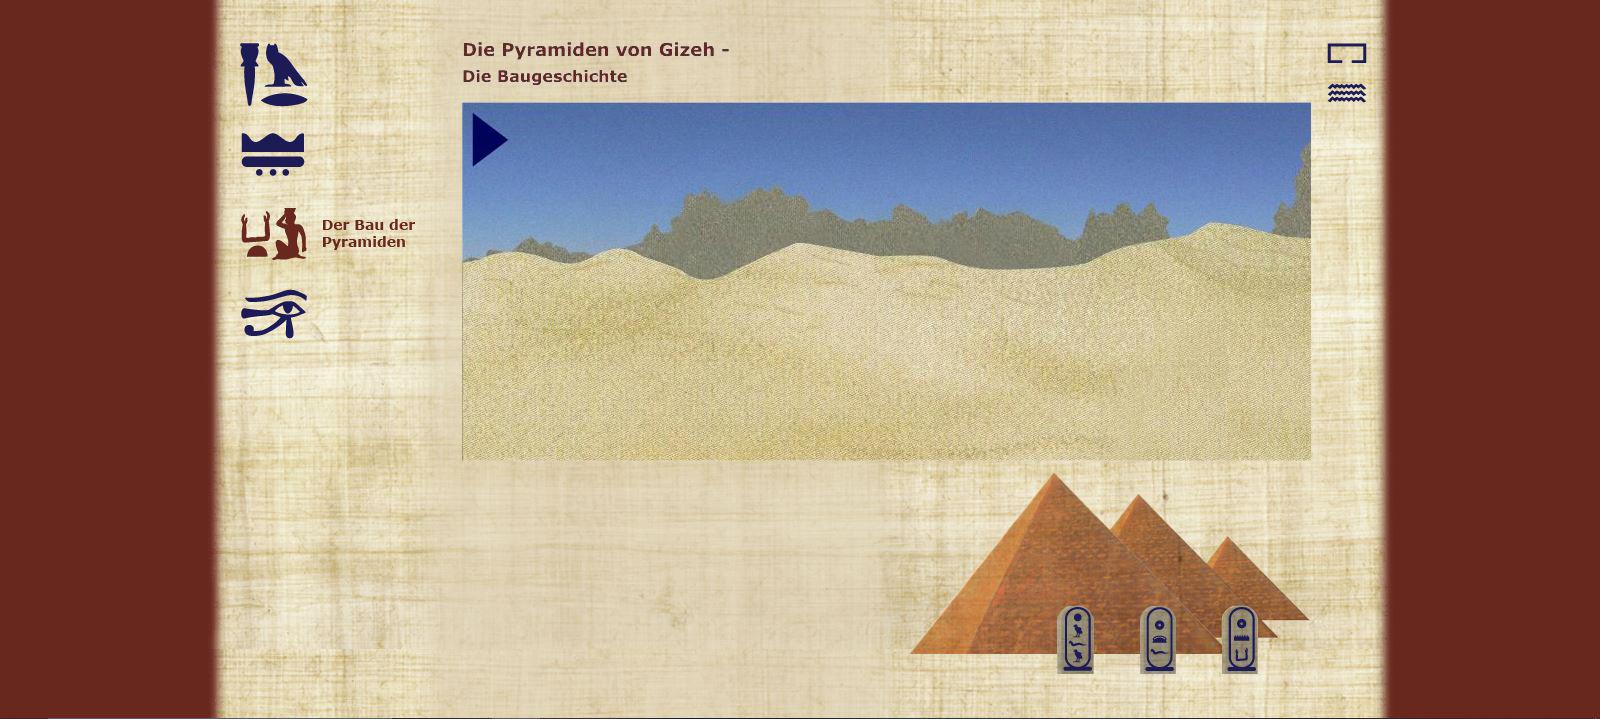 Die Pyramiden von Gizeh - Der Bau der Pyramiden - Zeitstrahl